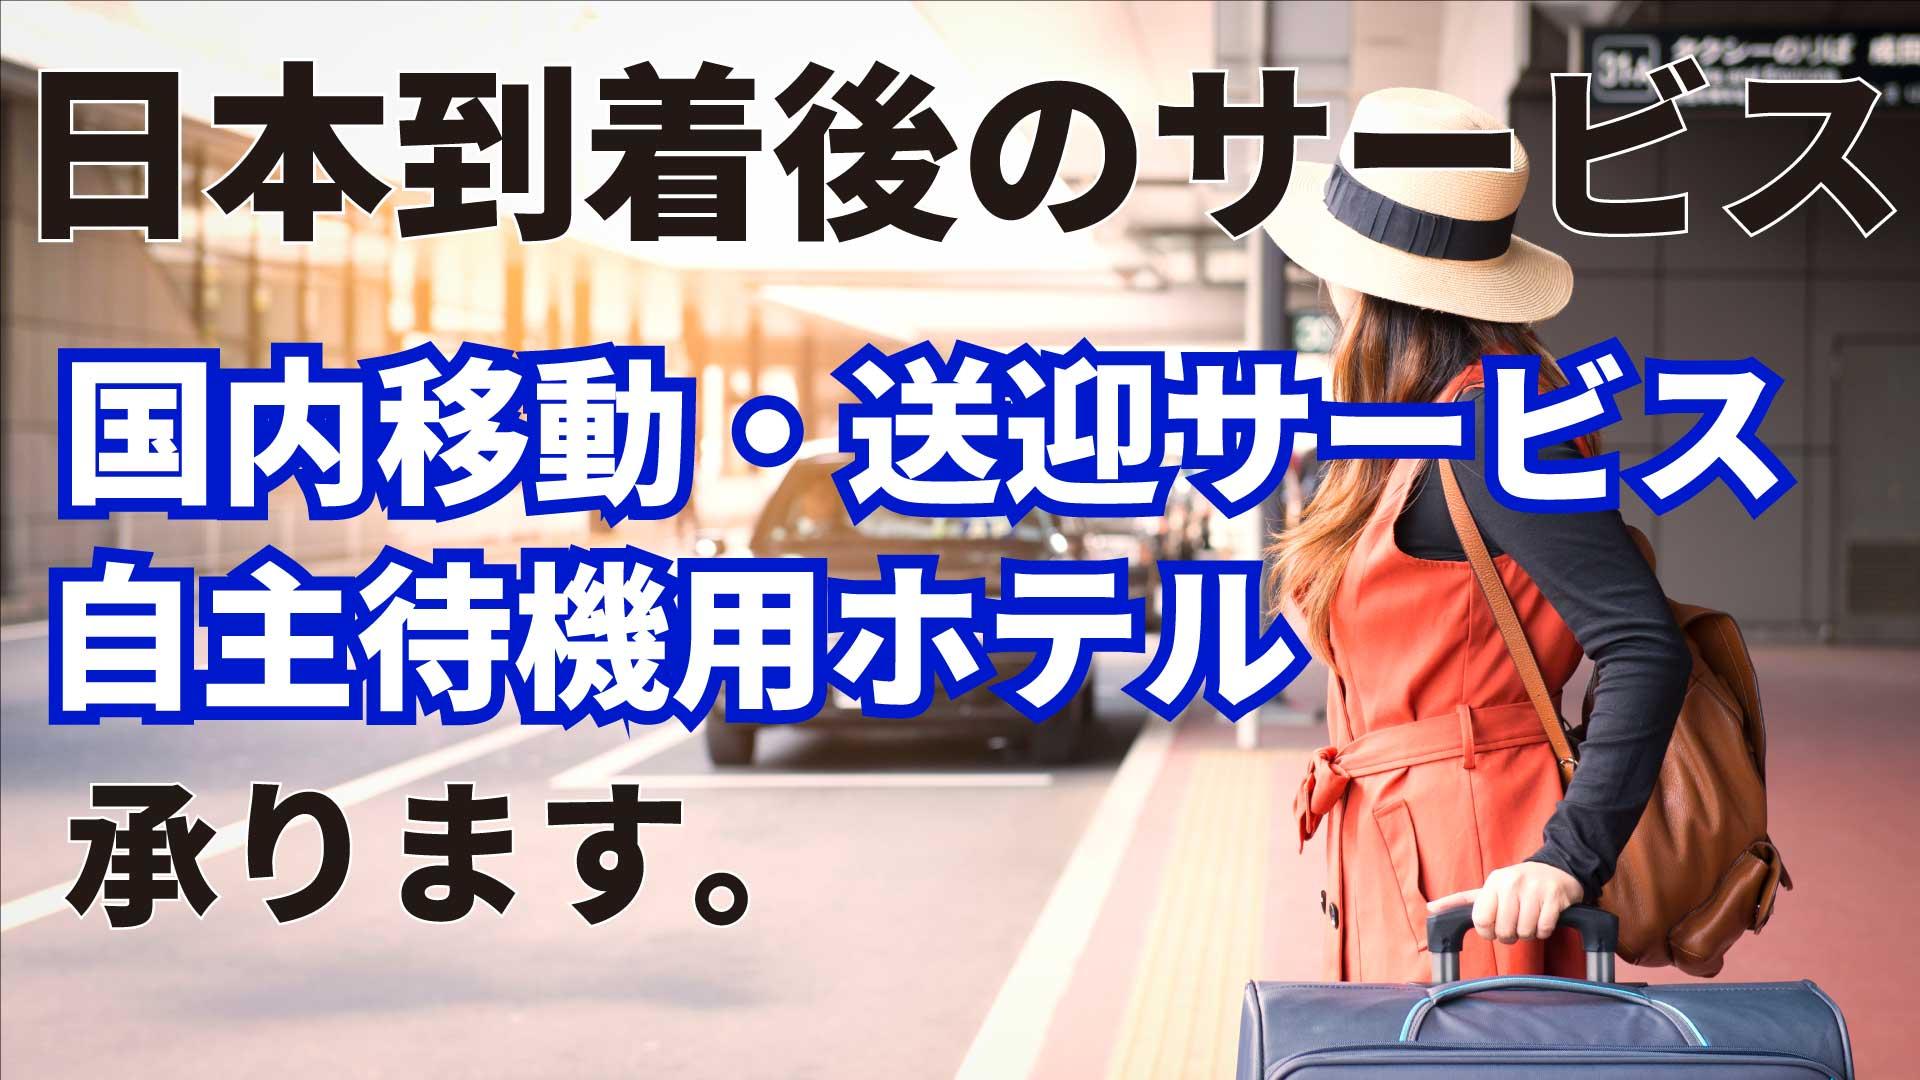 日本到着後のサービス